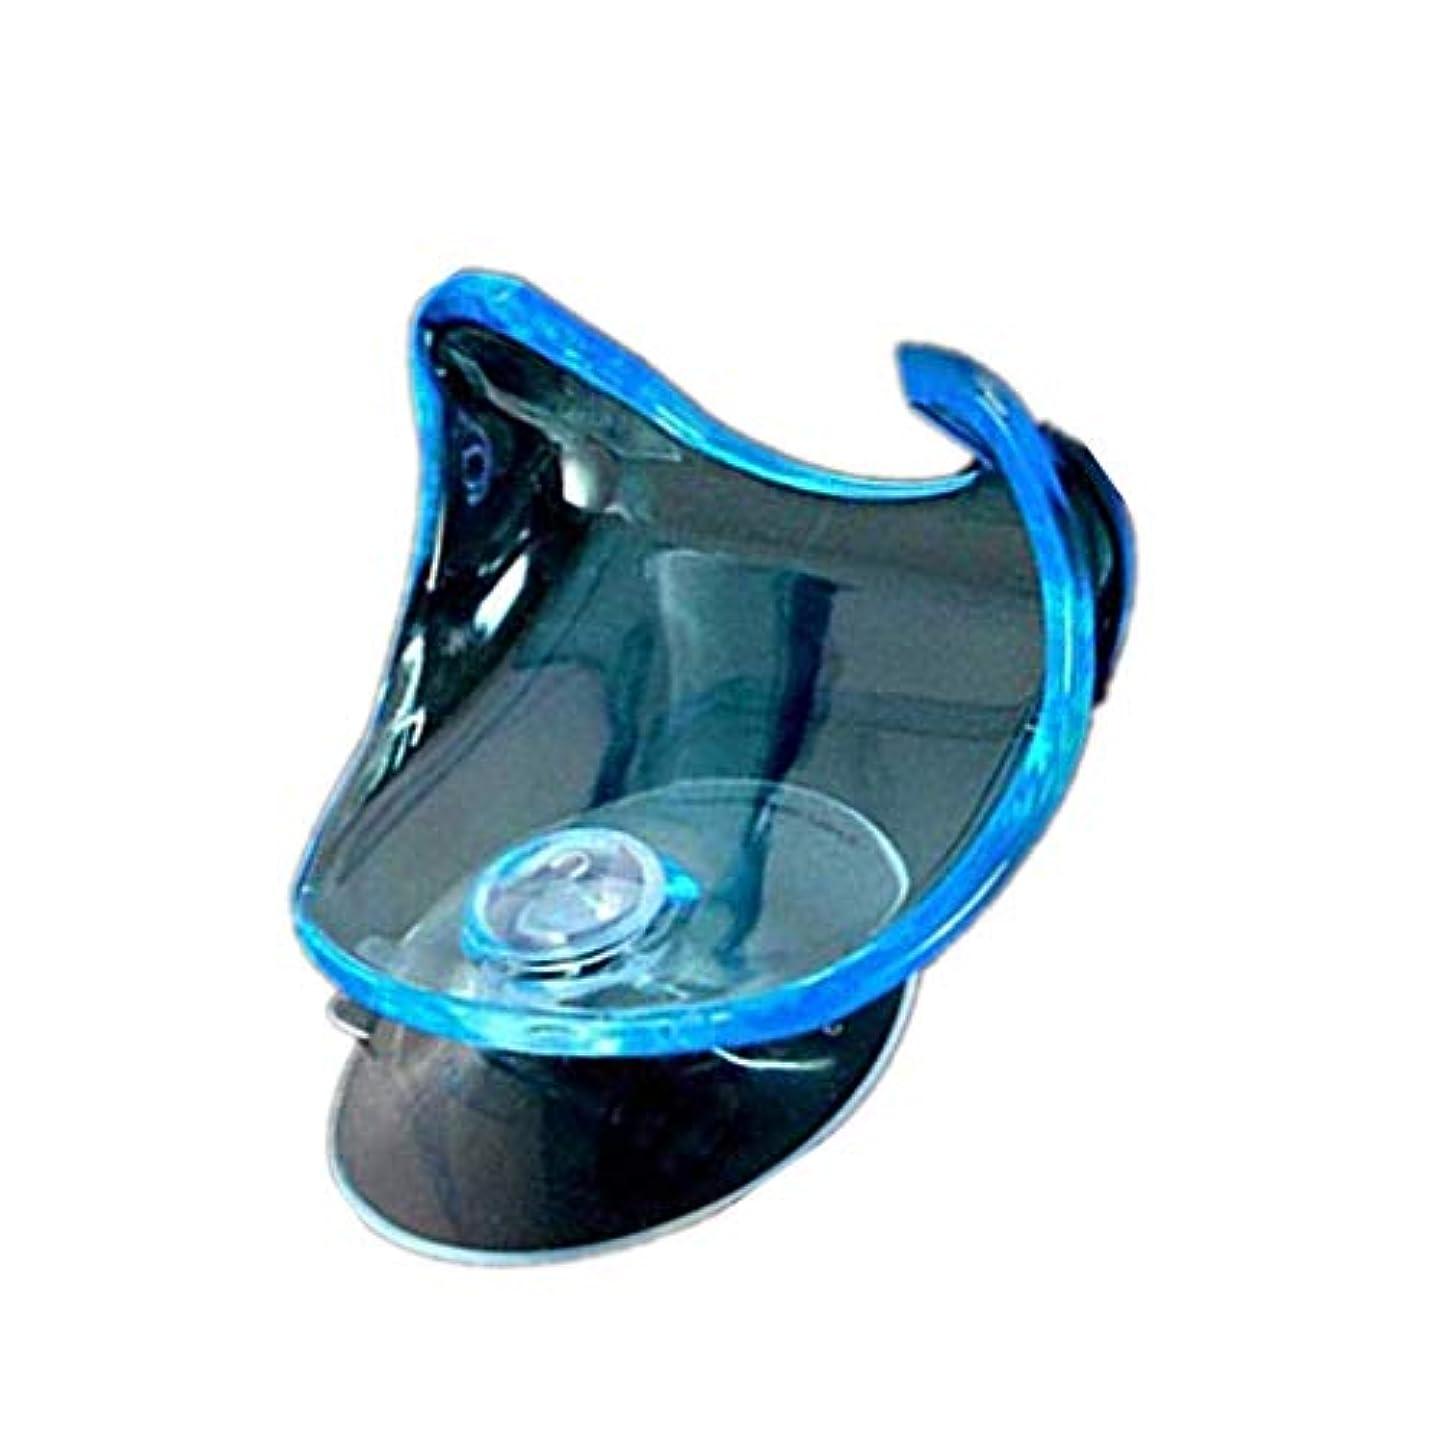 不完全ちらつき狐ハンギングラッククリアストレージシェルフの浴室の吸盤サクションカップカミソリホルダー